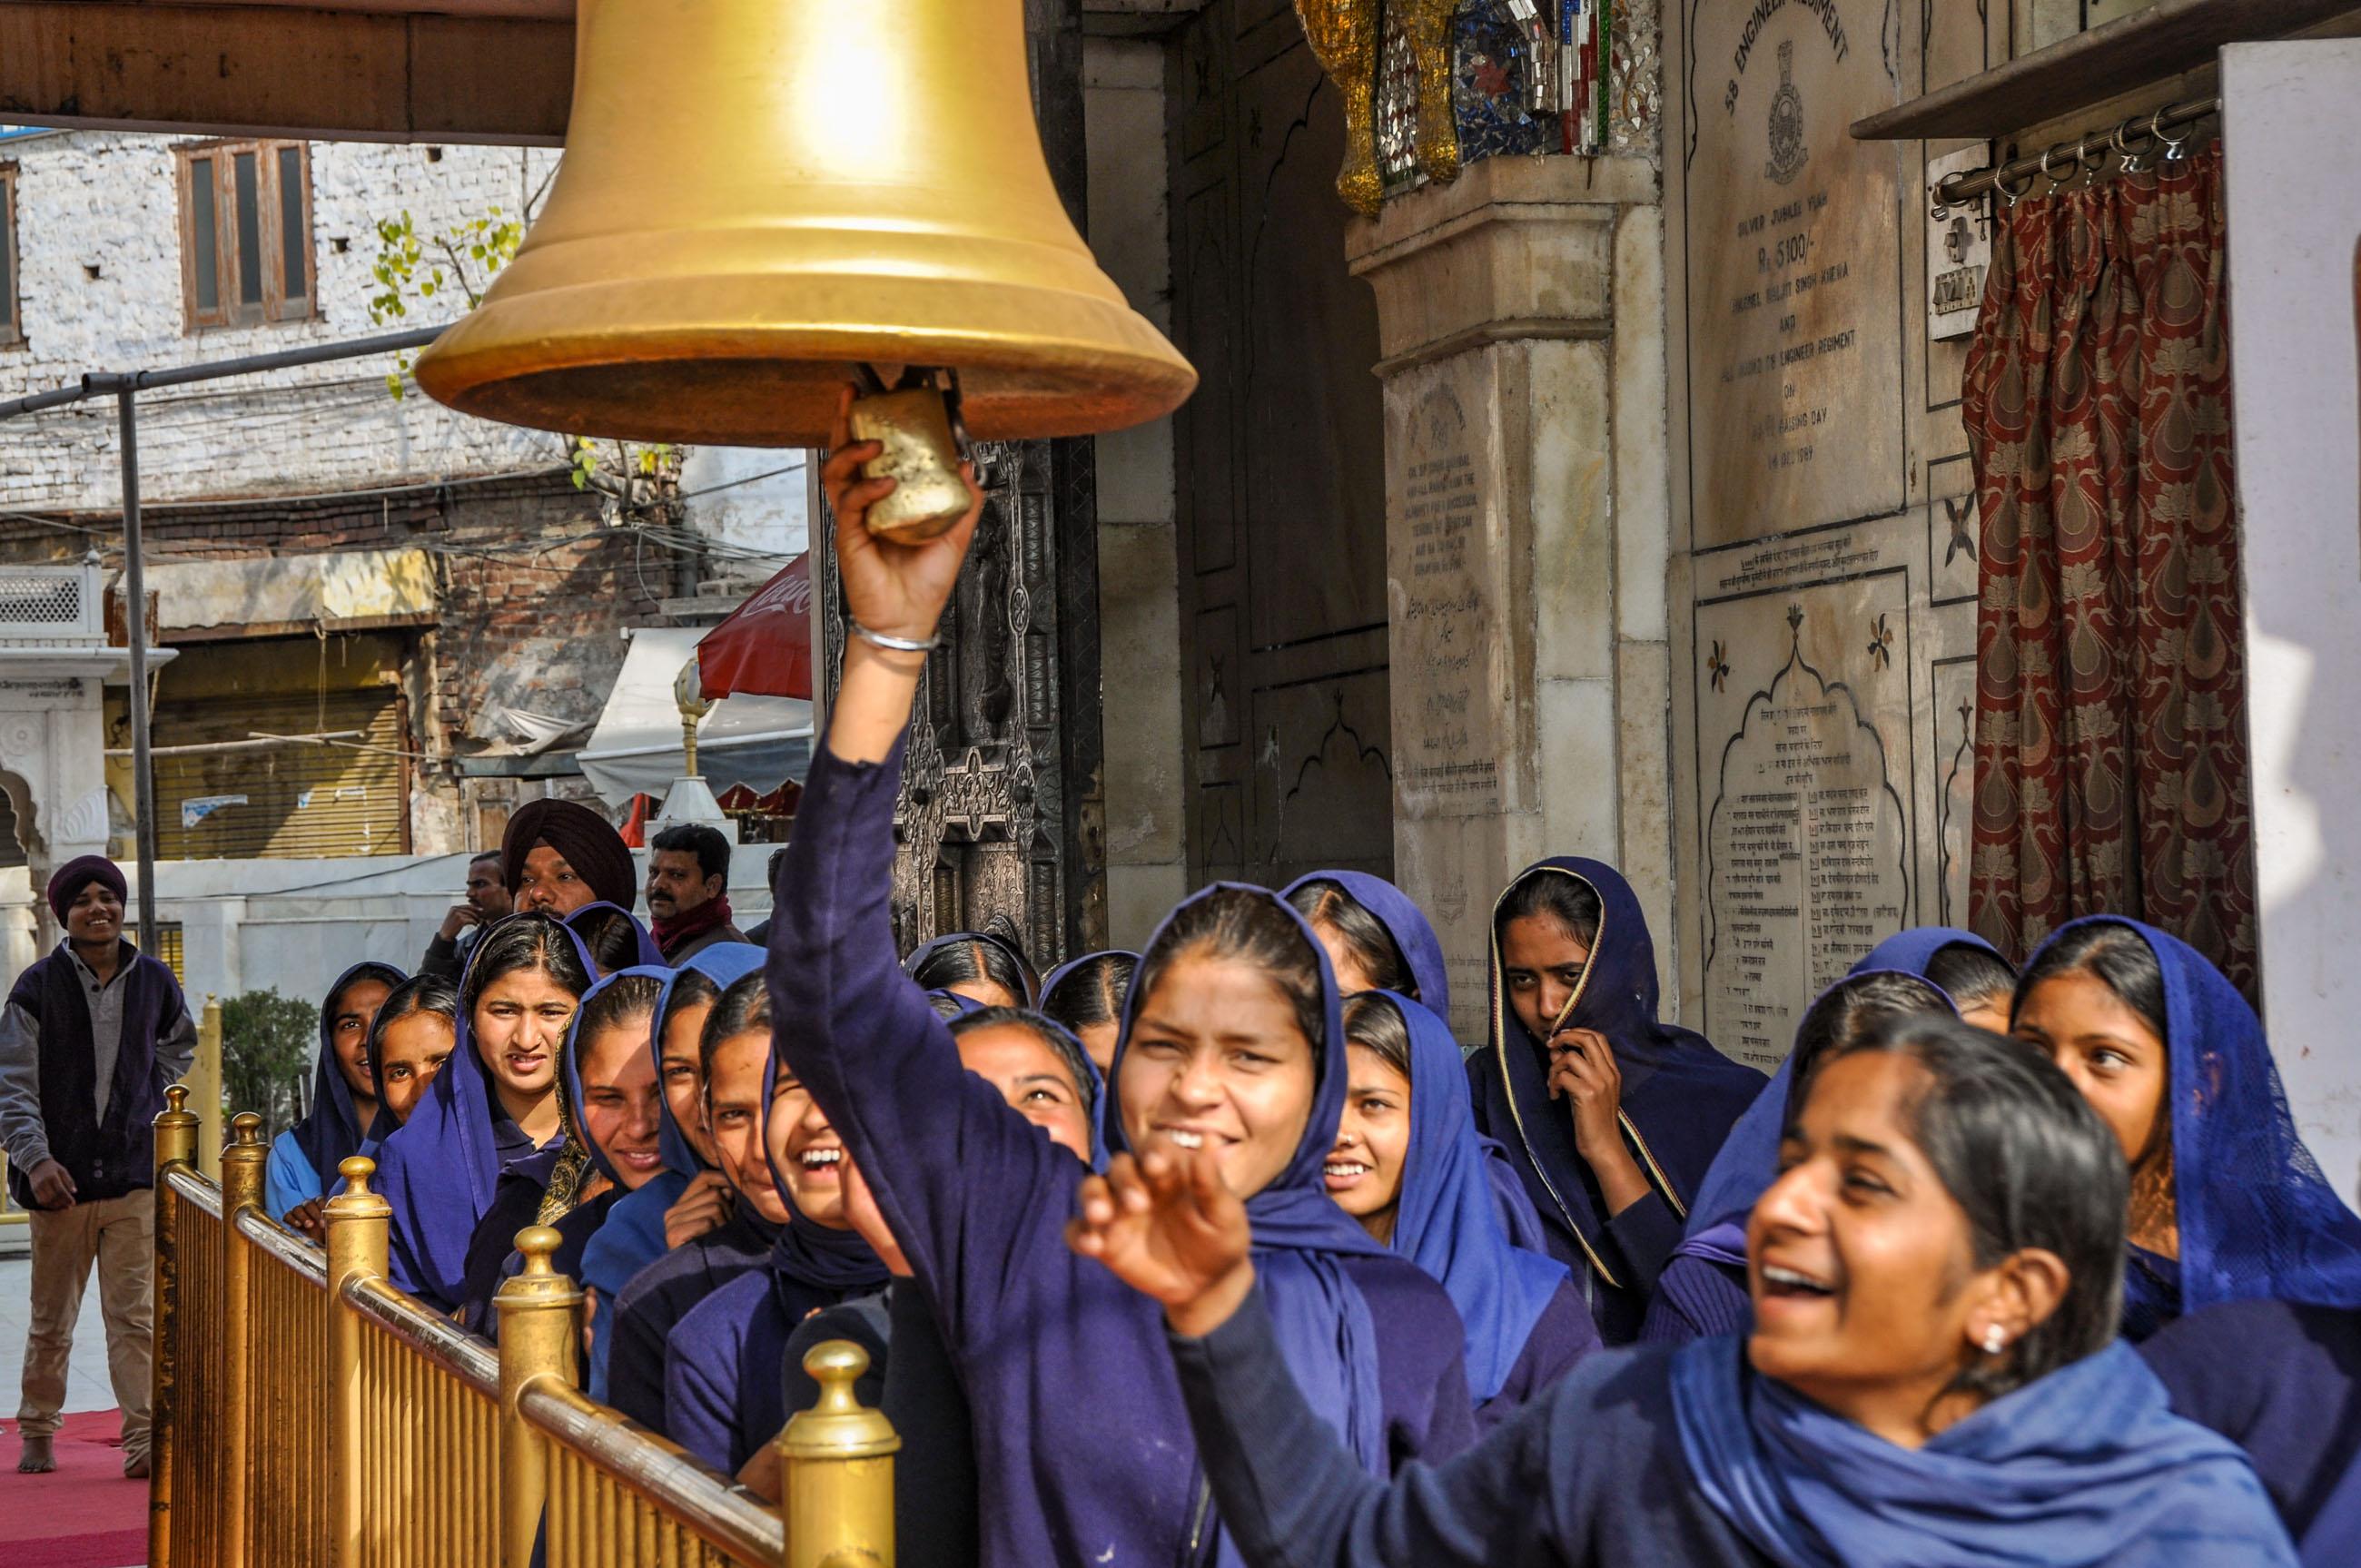 https://bubo.sk/uploads/galleries/4920/tomas_kubus_india_amritsar_dsc_0211.jpg